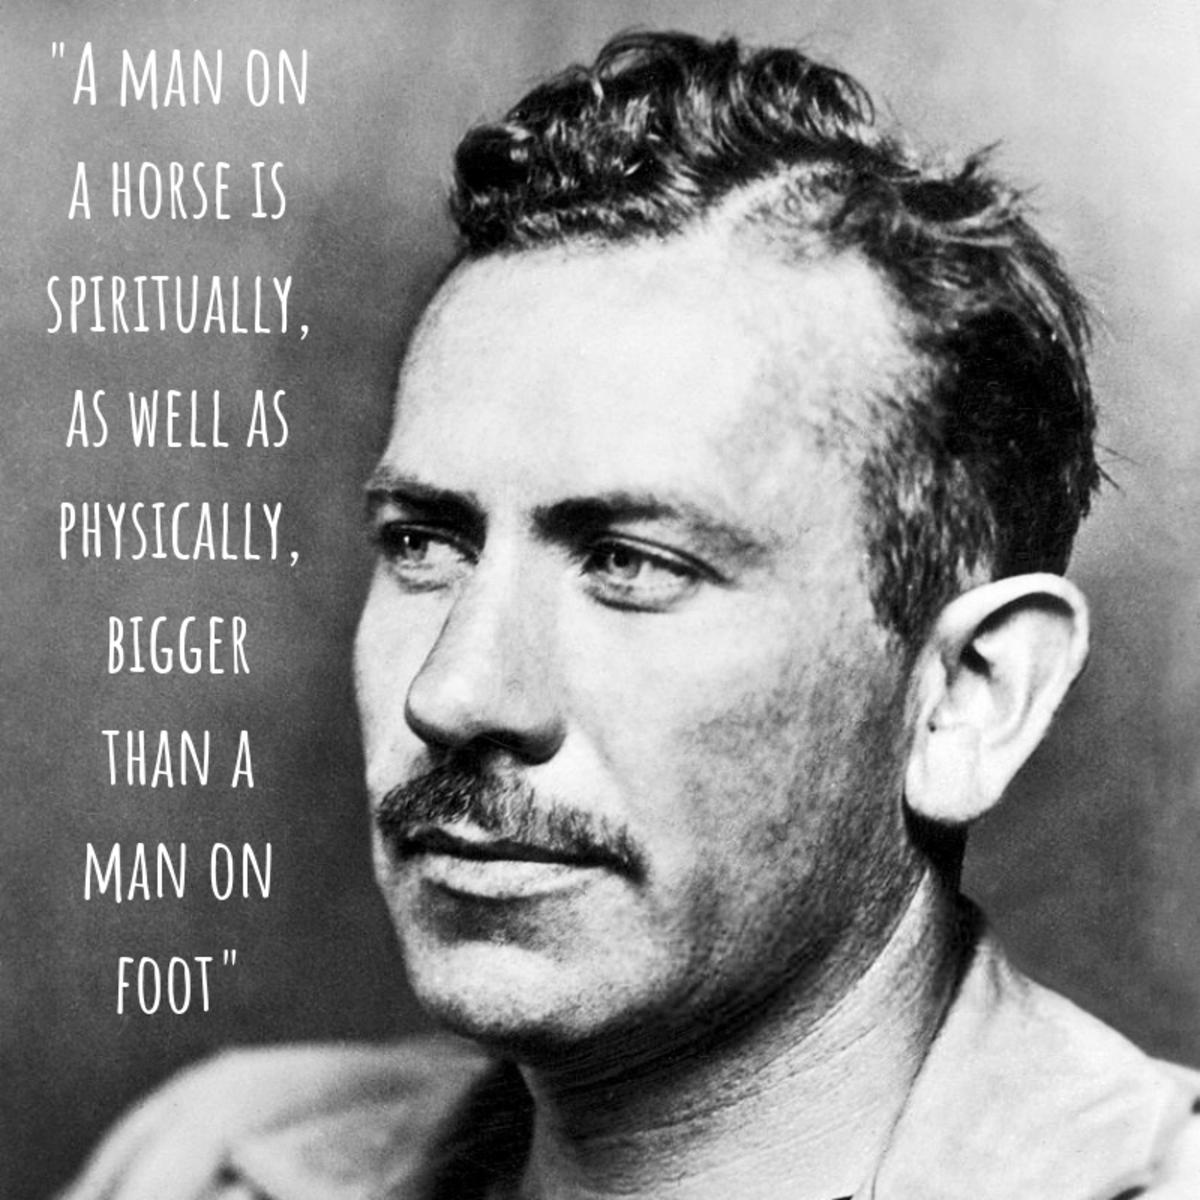 John Steinbeck on horses